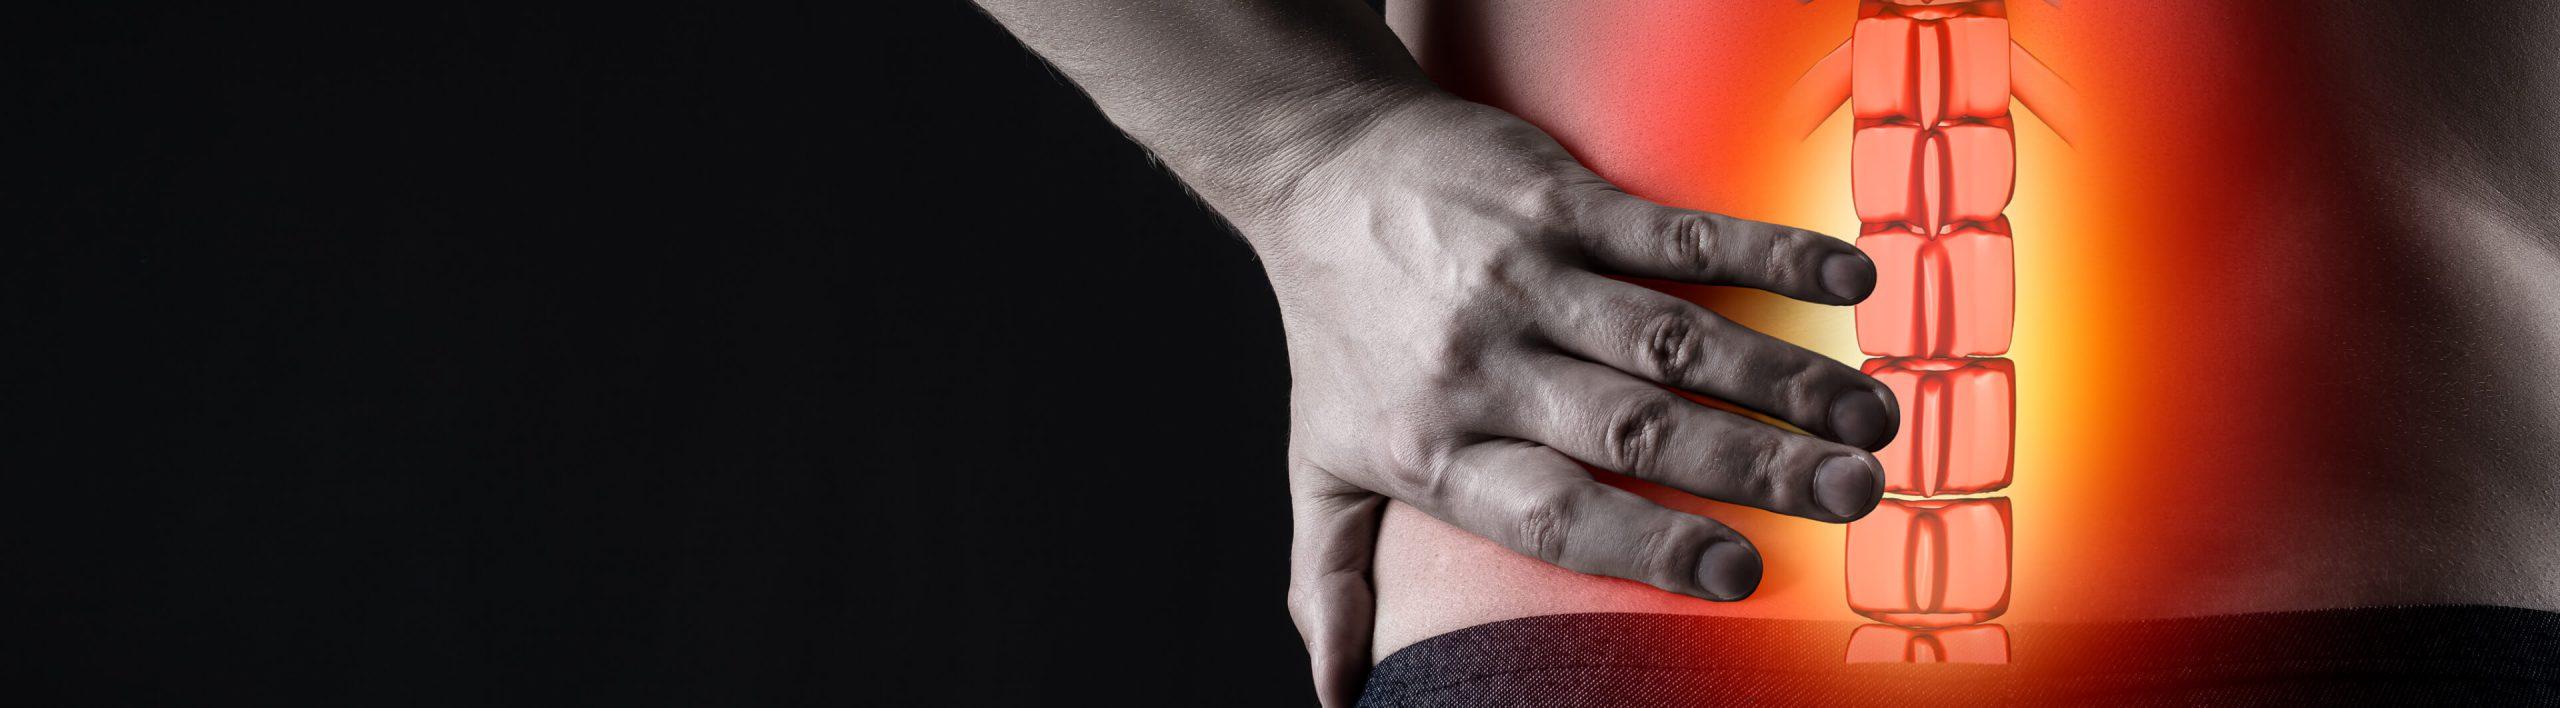 herniated disc treatments